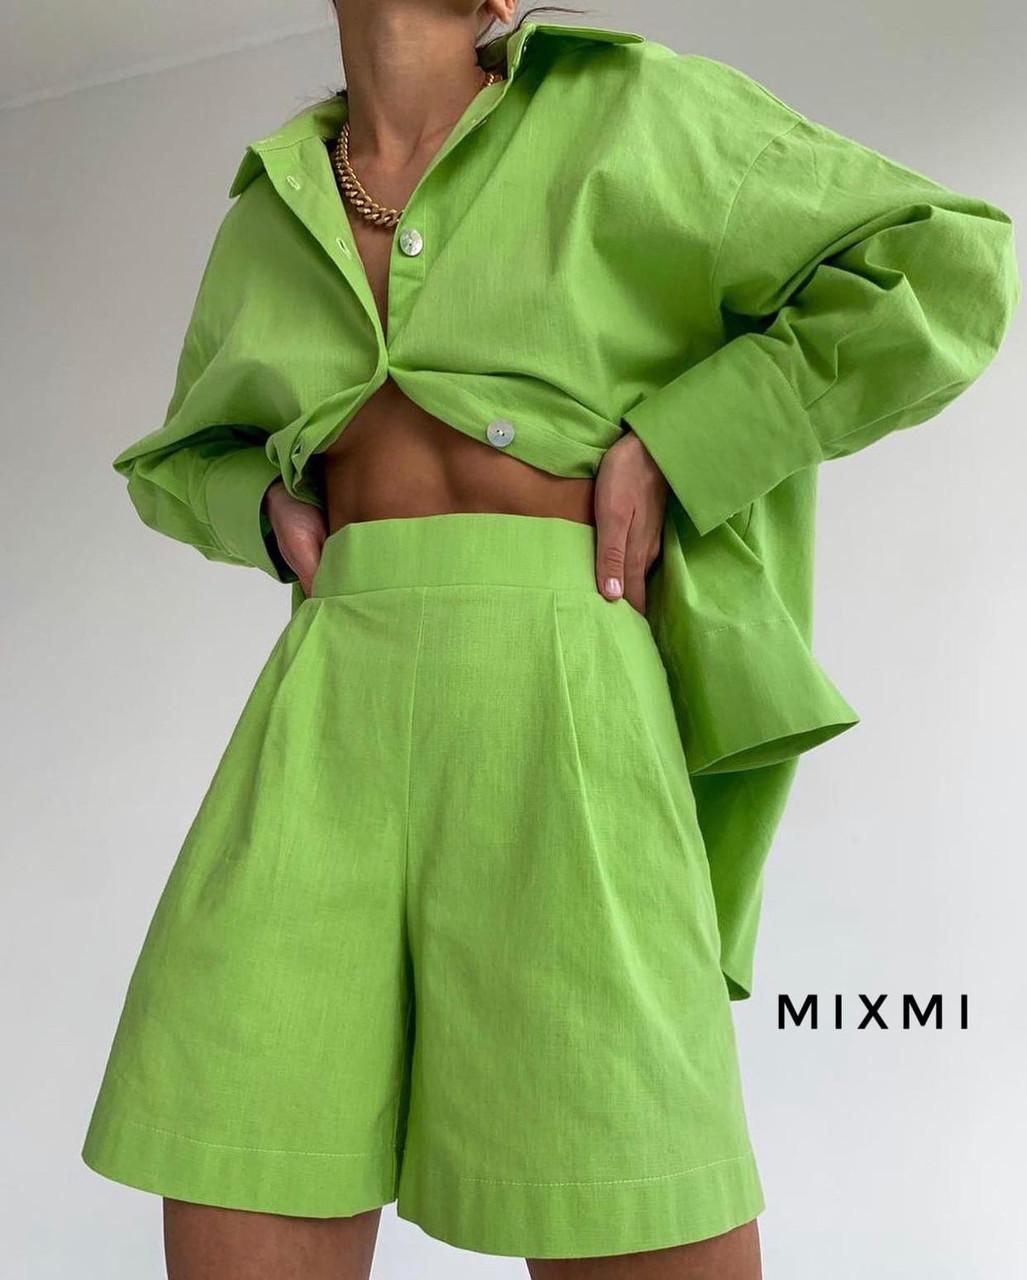 Женский костюм, штапель, р-р 42-44; 44-46 (зеленый)